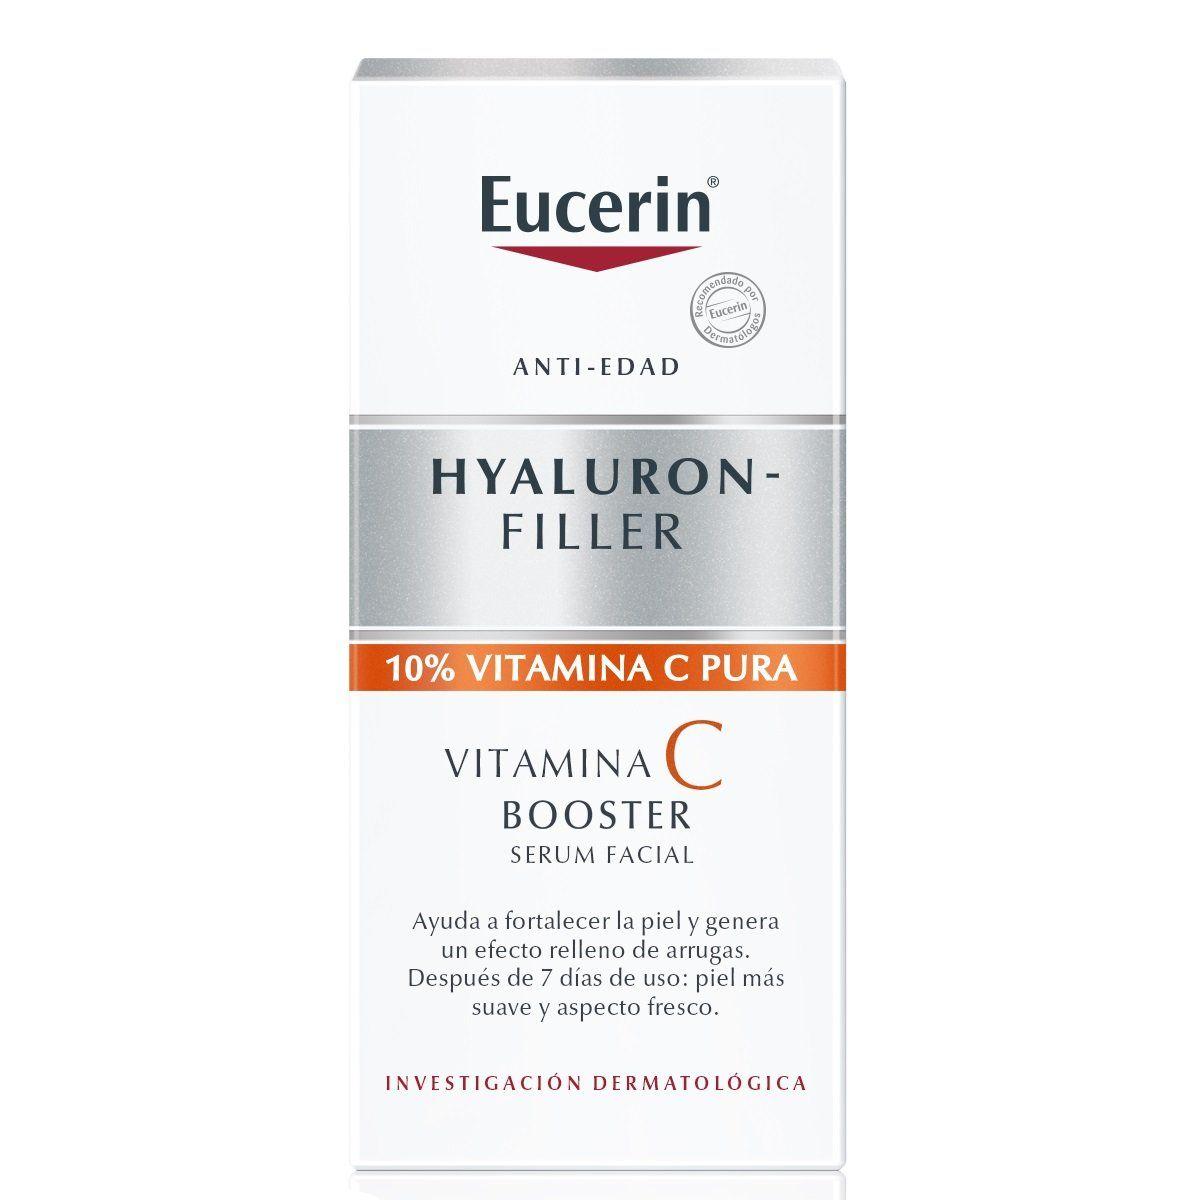 Eucerin Hyaluron Filler Vitamin C Derma Express Mx Consejos Para La Piel Rutinas De Belleza Cremas Faciales